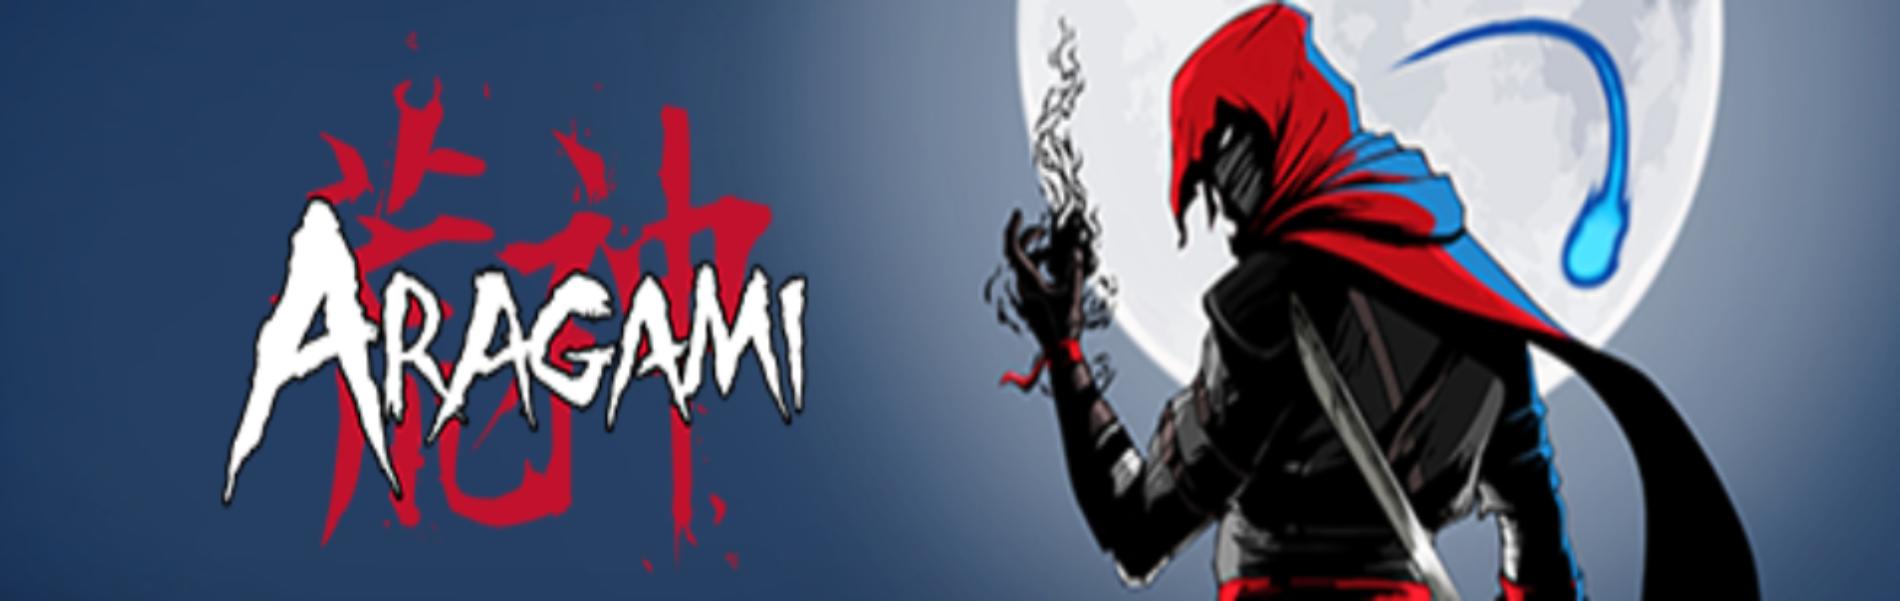 Aragami – Shadow Edition